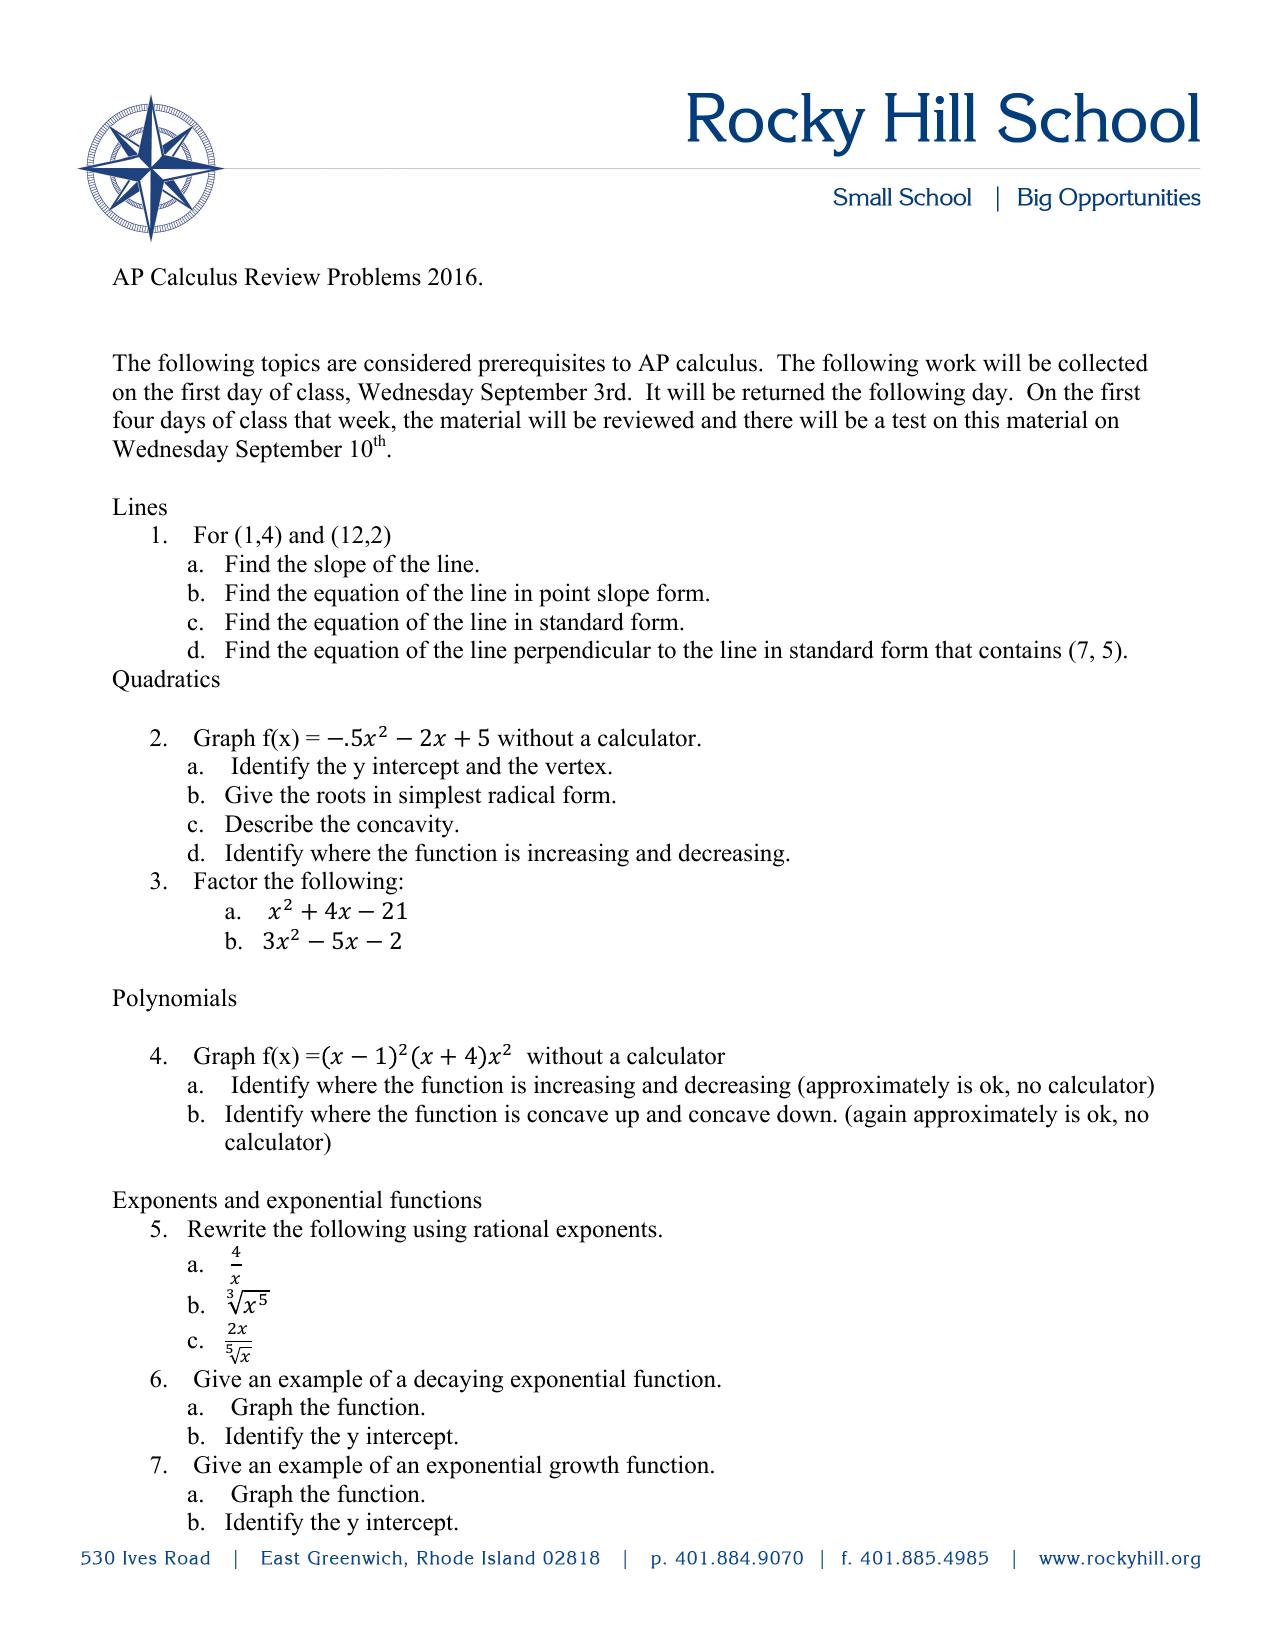 Ap calculus rocky hill school falaconquin